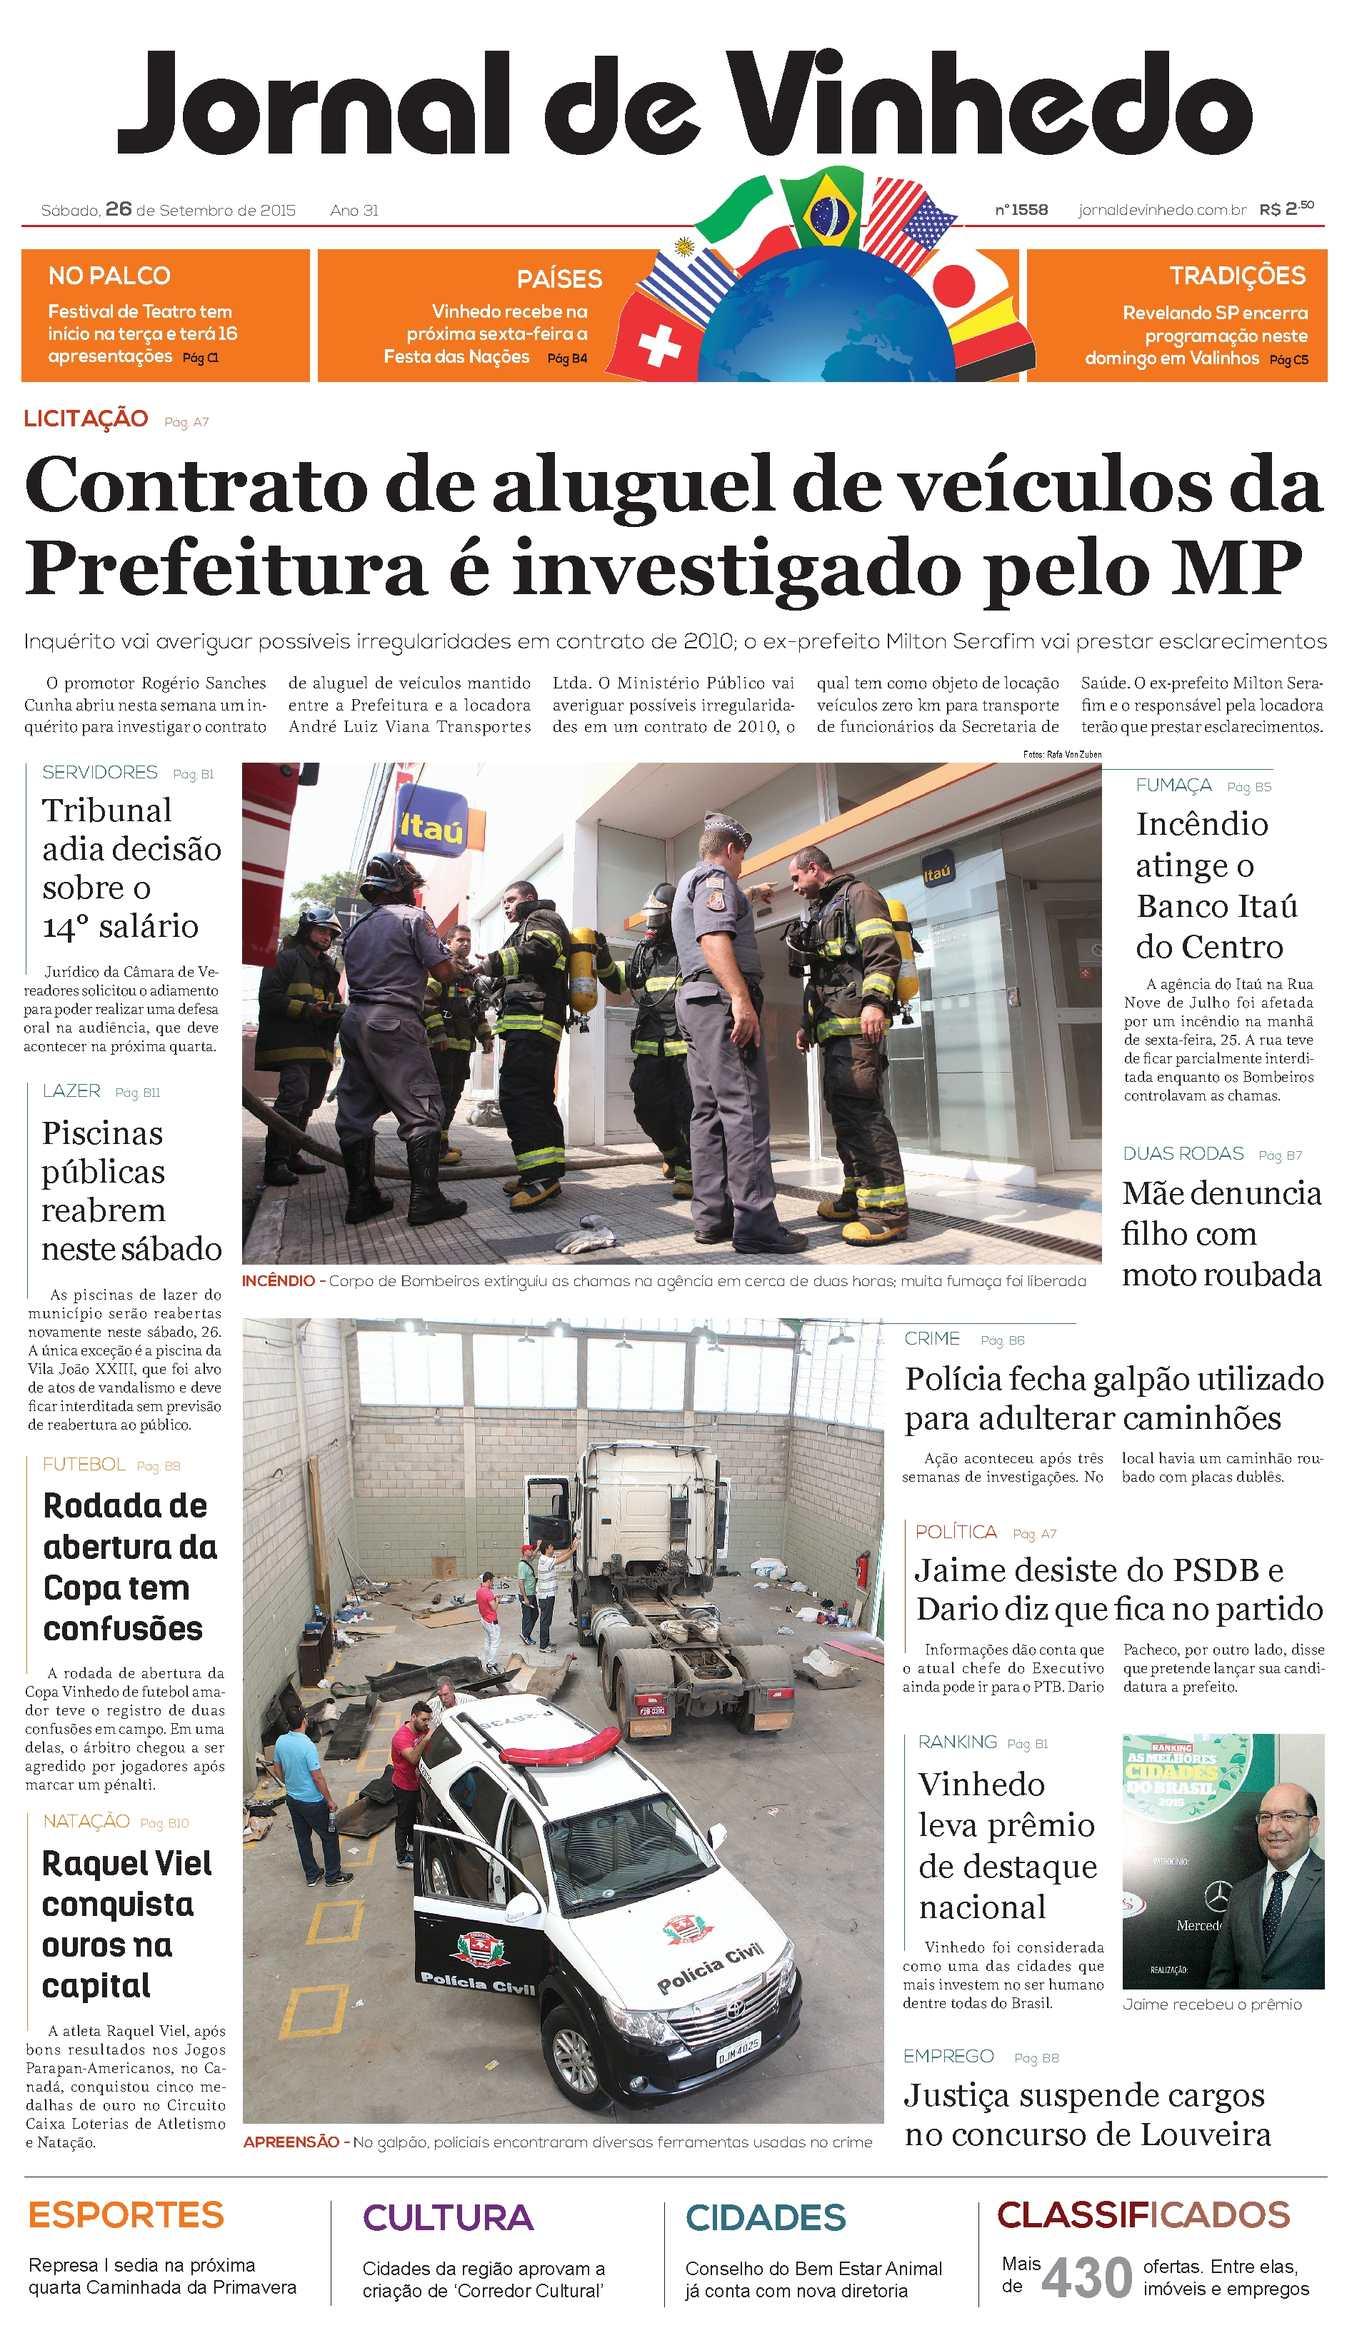 d73235f6a Calaméo - Jornal De Vinhedo Sábado, 6 De Setembro De 2015 Edic 1558